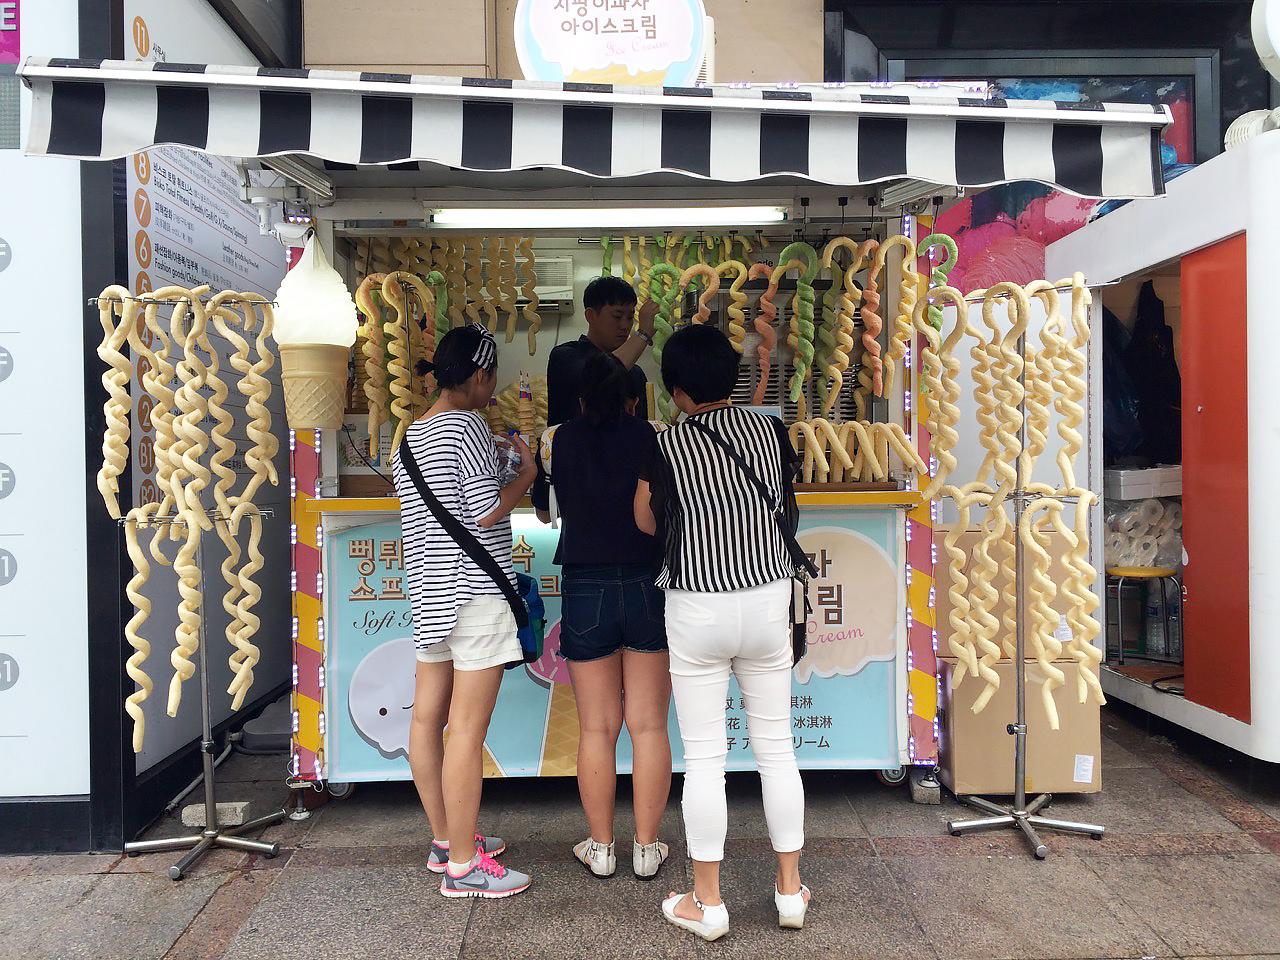 Путешествие по Южной Корее, Сеул: Мороженое, которое наливают в съедобные длинные спиральные трубочки